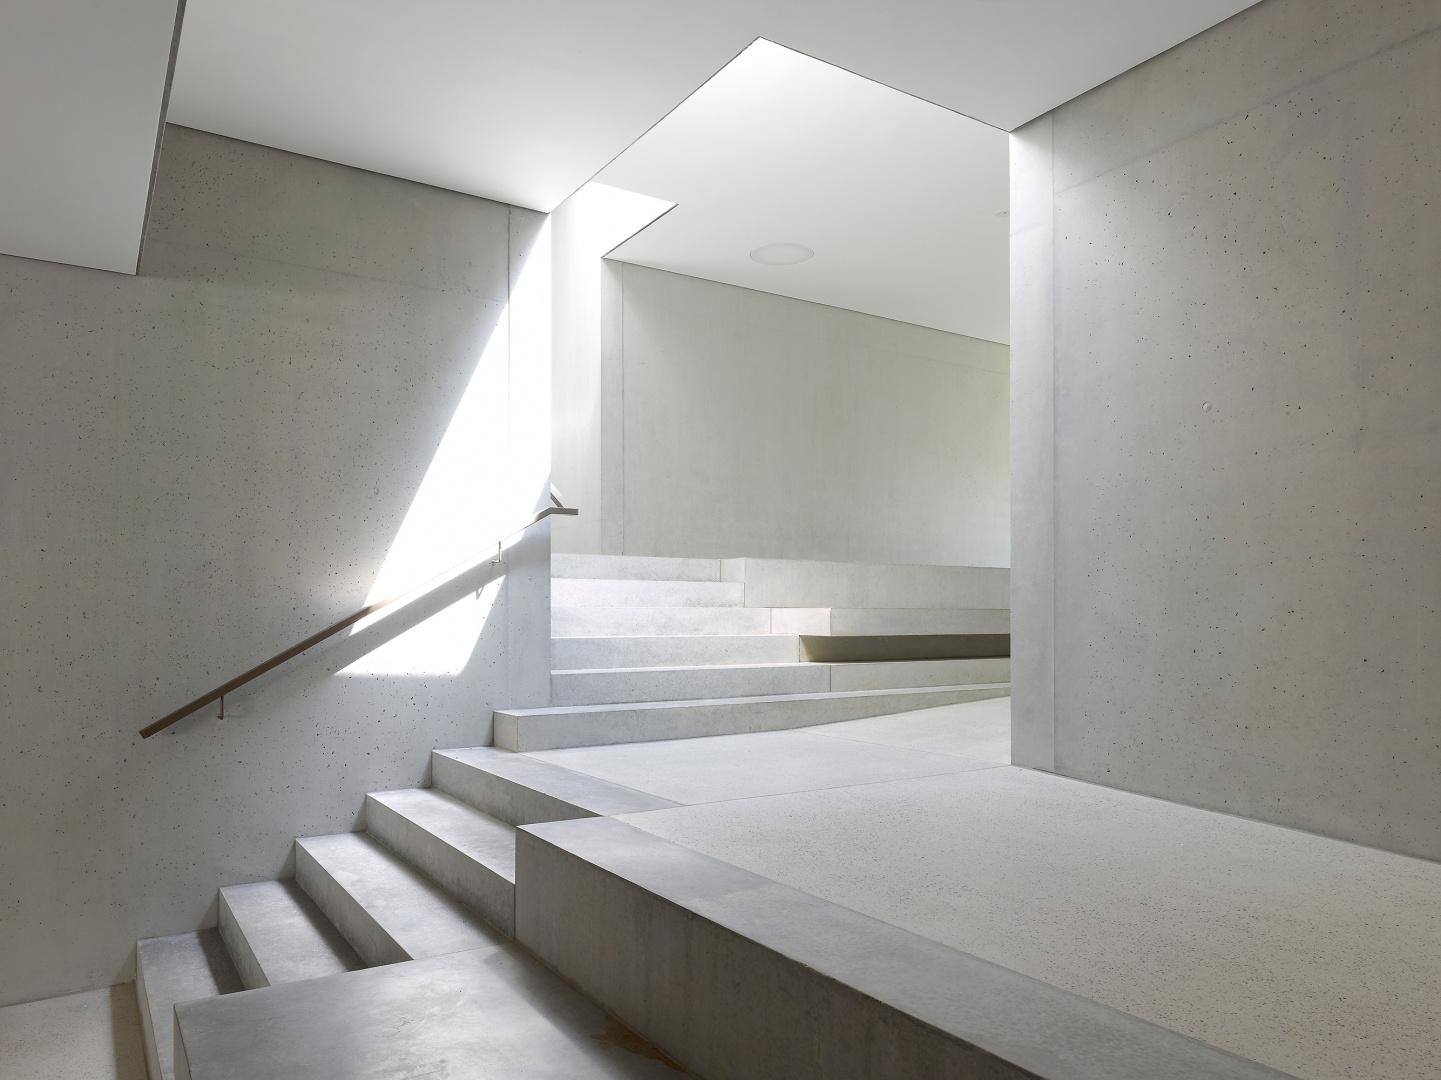 escalier central © Thomas Jantscher